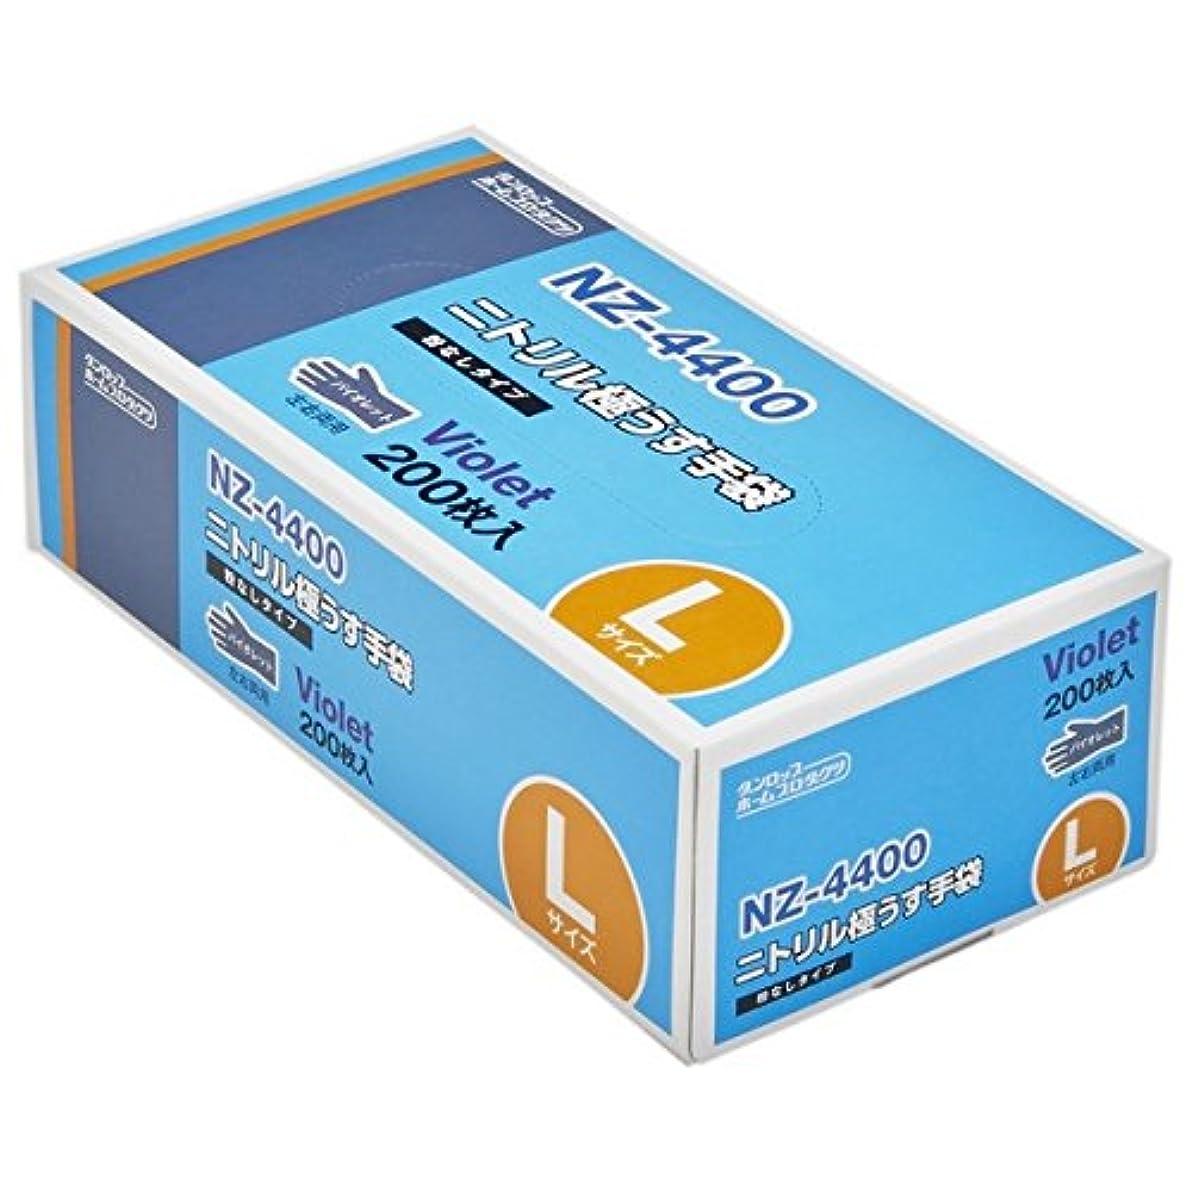 平均交渉する状ダンロップ ニトリル極うす手袋 NZ-4400 バイオレット 粉なし Lサイズ 200枚入